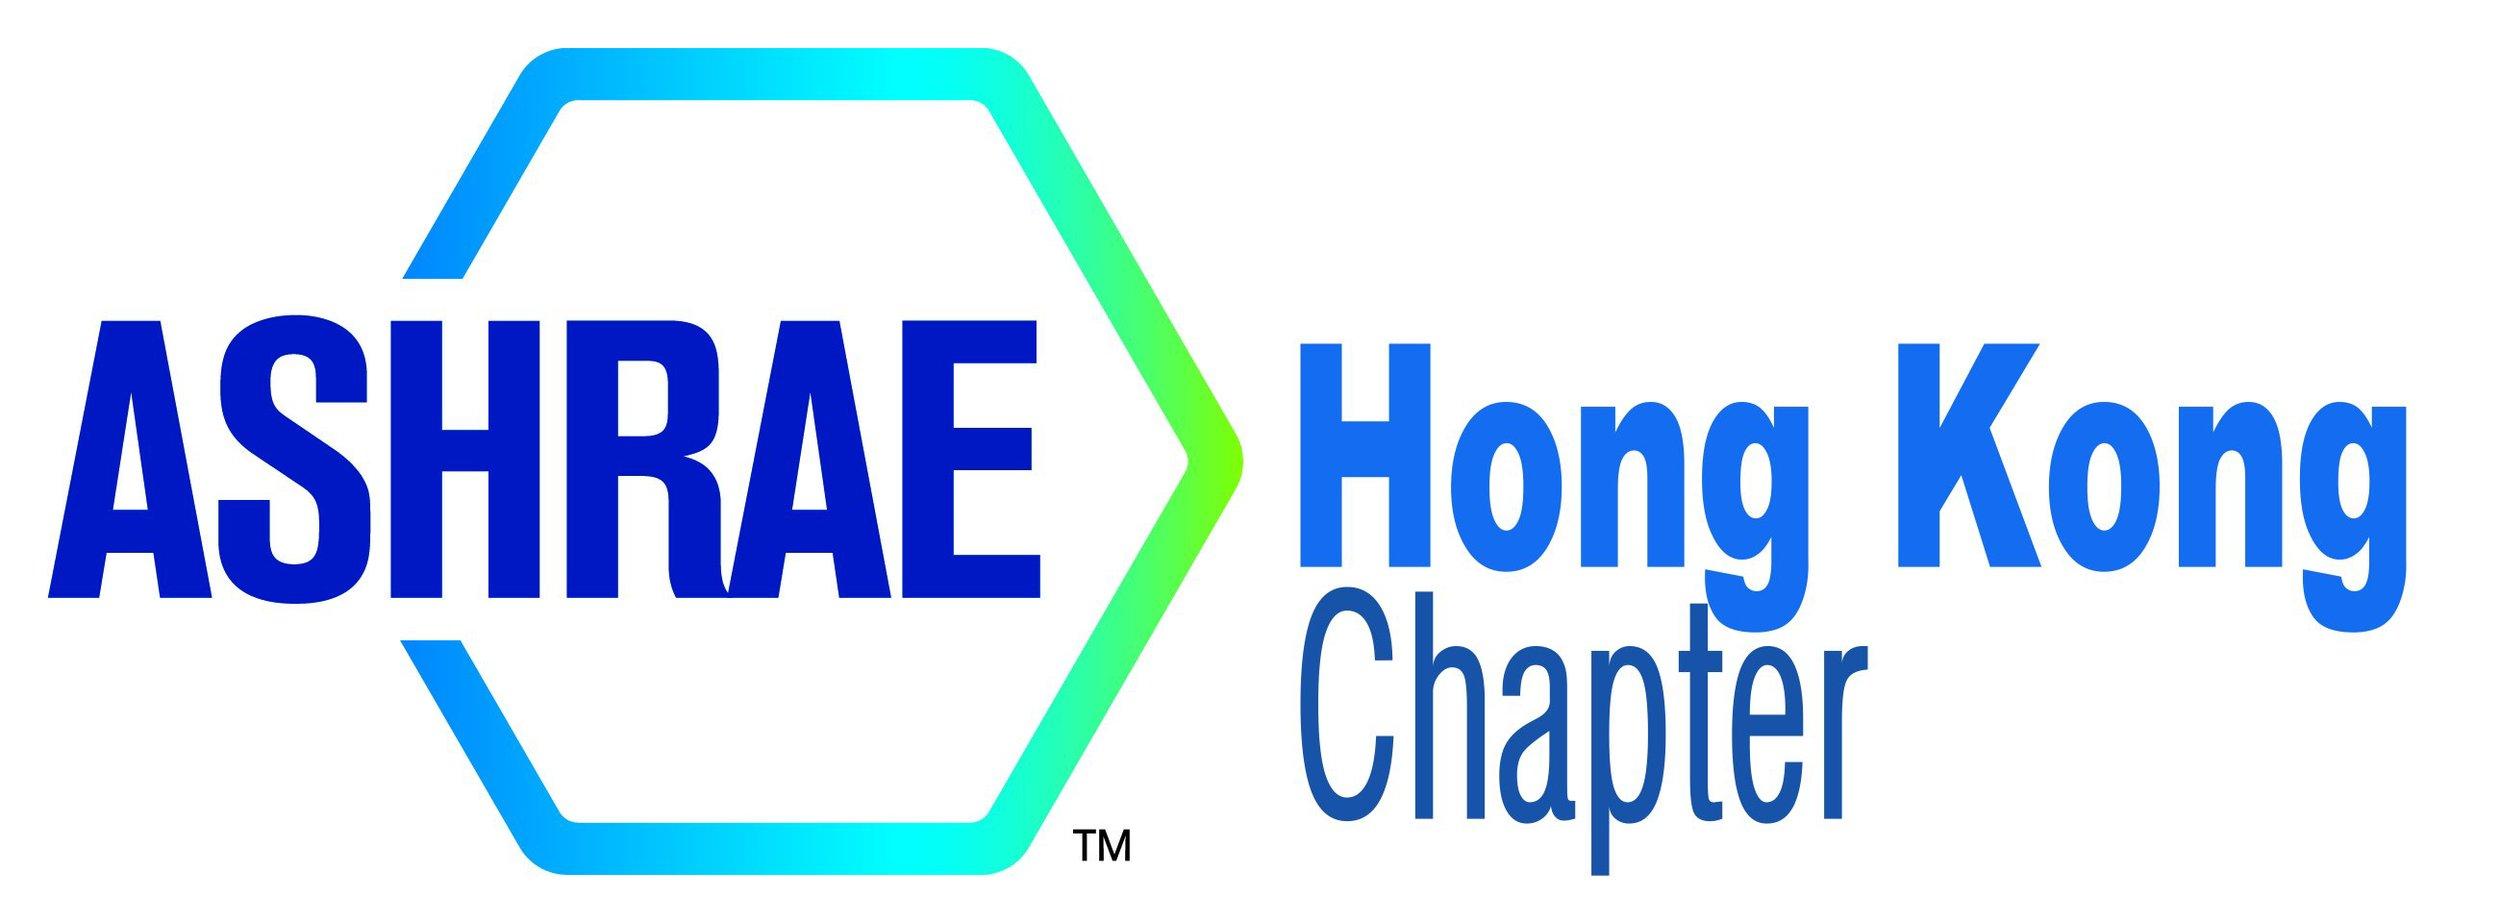 ASHRAE_HK_logo.jpg